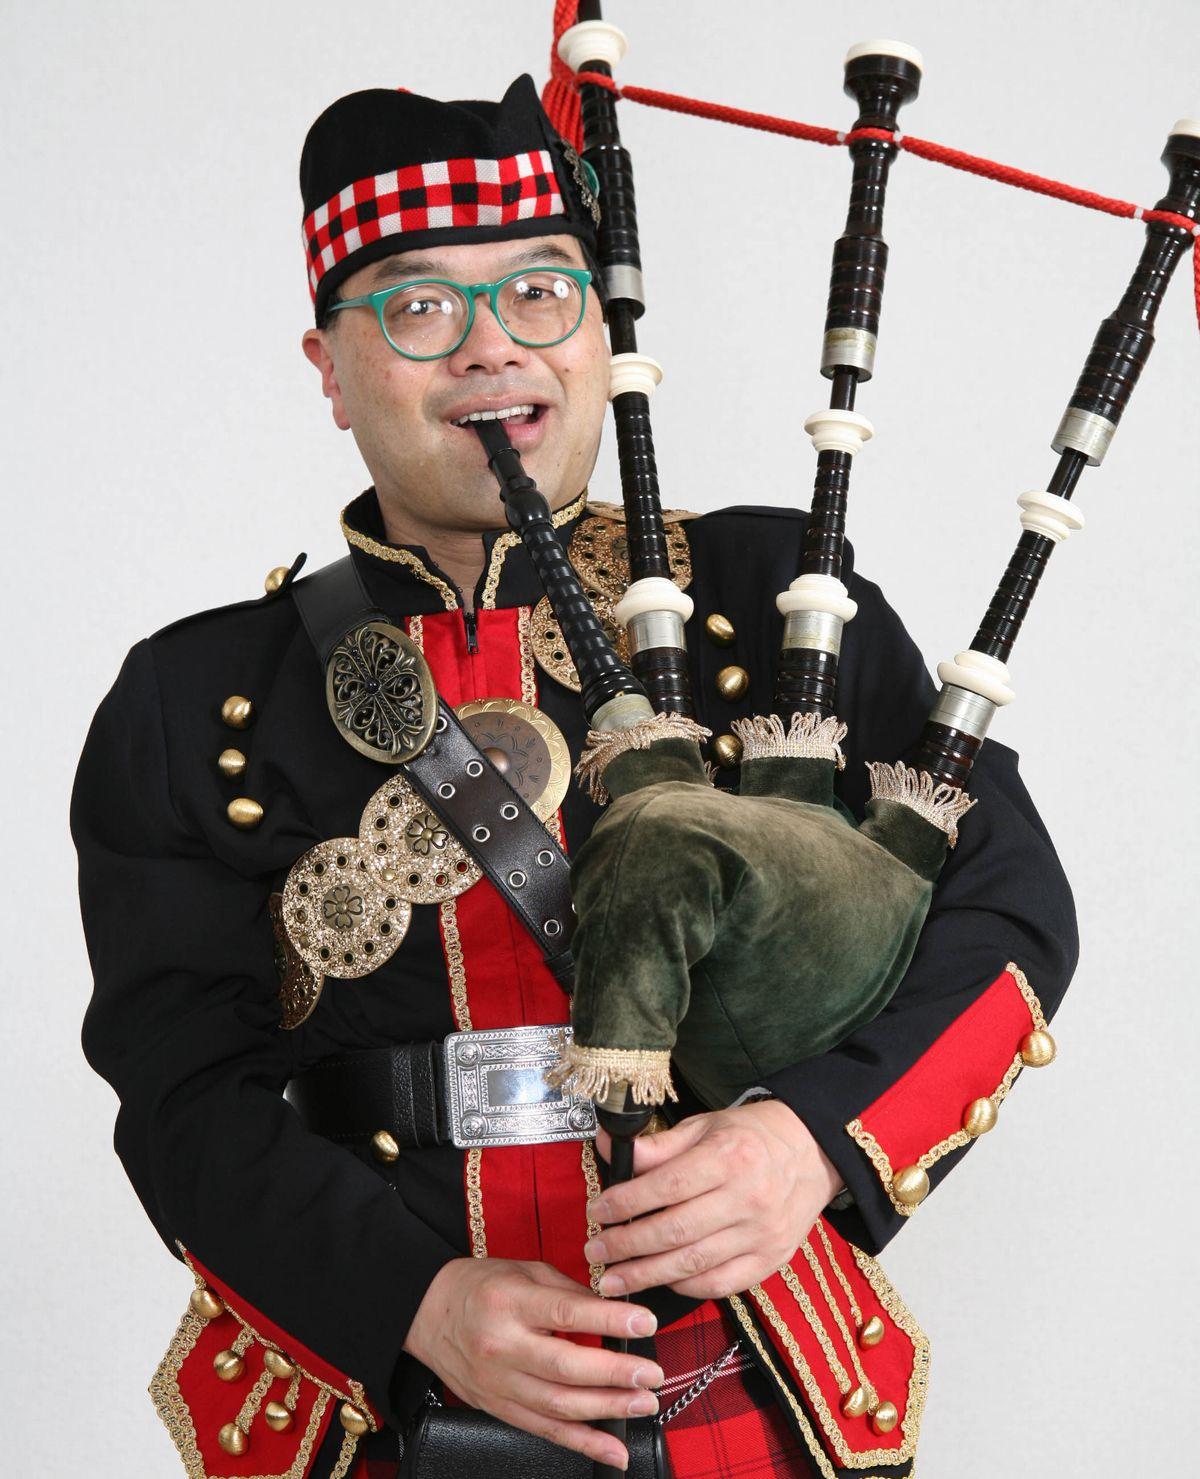 写真・図版 : スコットランドの民族衣装で正装してのバグパイプ演奏